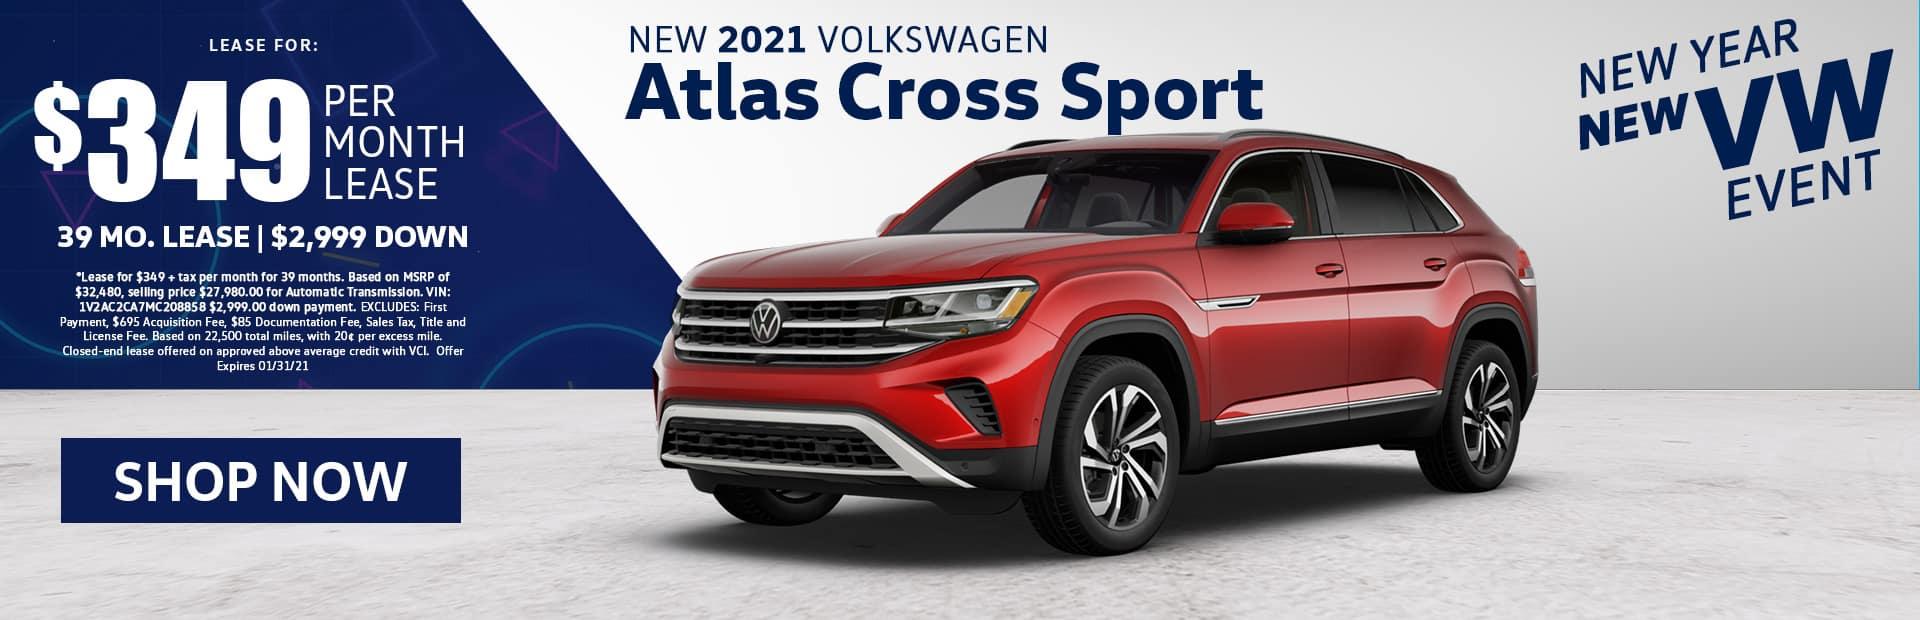 new 2021 vw atlas cross sport lease special